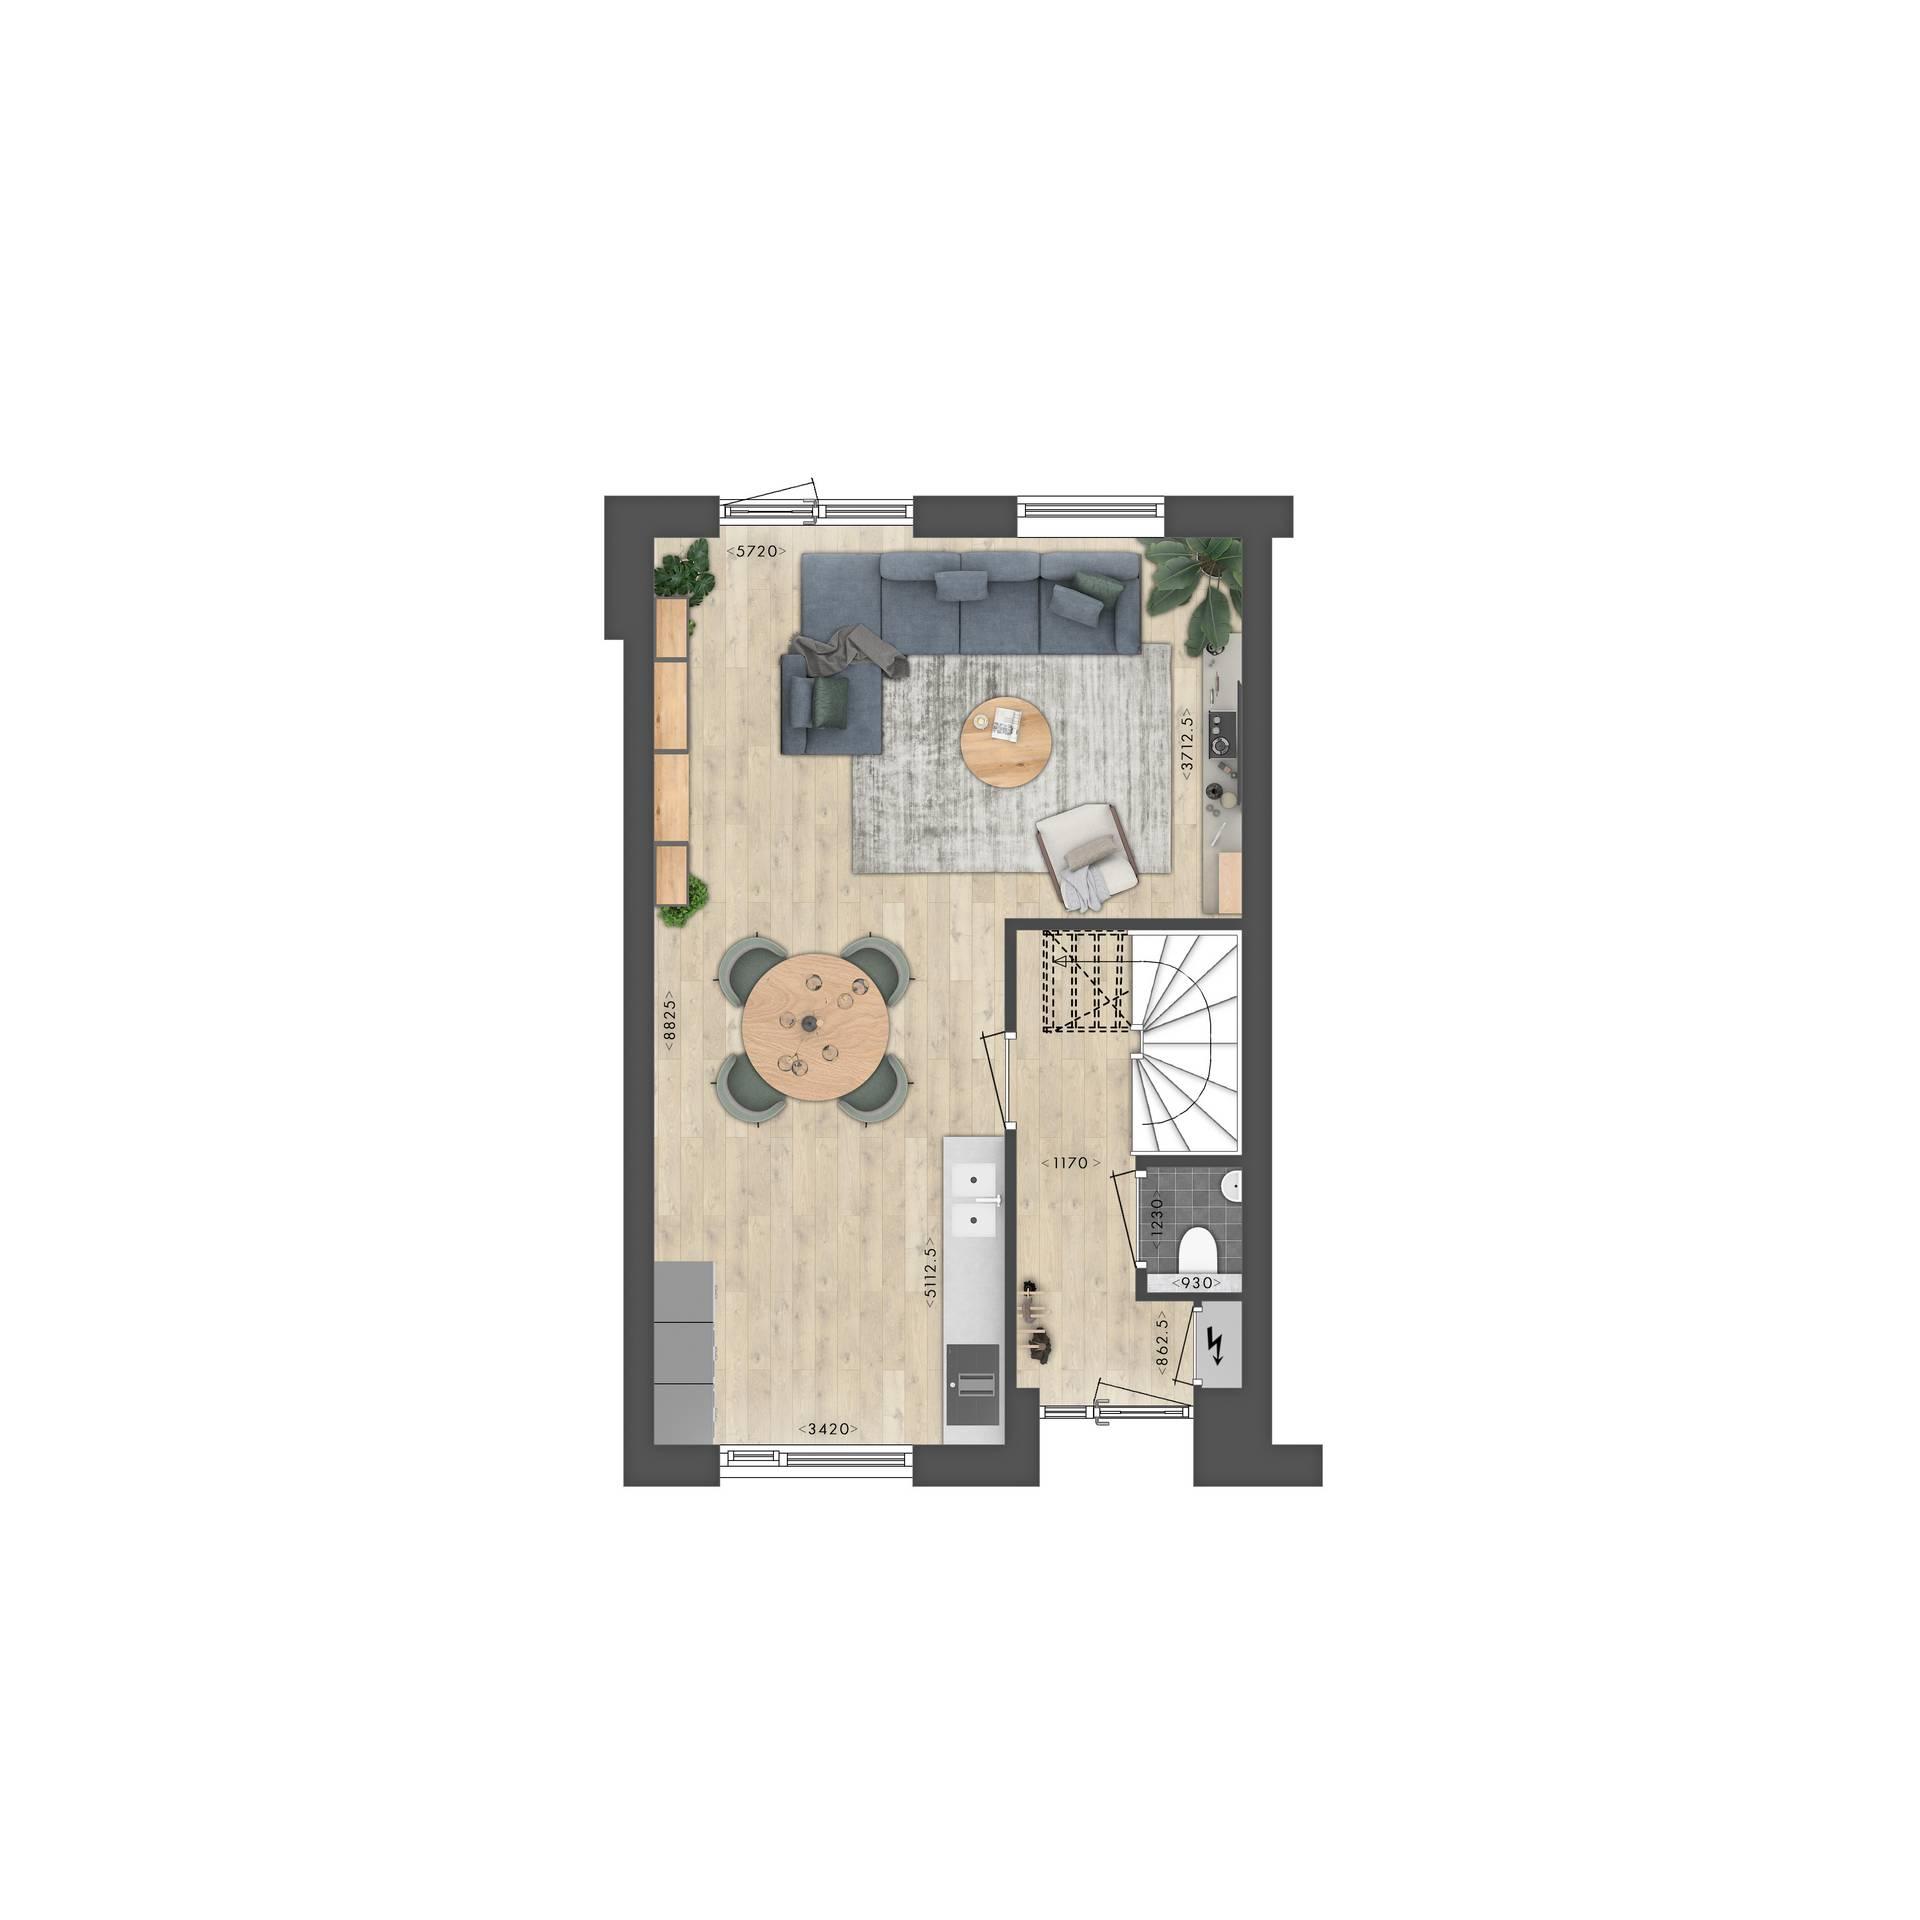 21041_Zeilen_Plattegrond_BN16_BG_v02